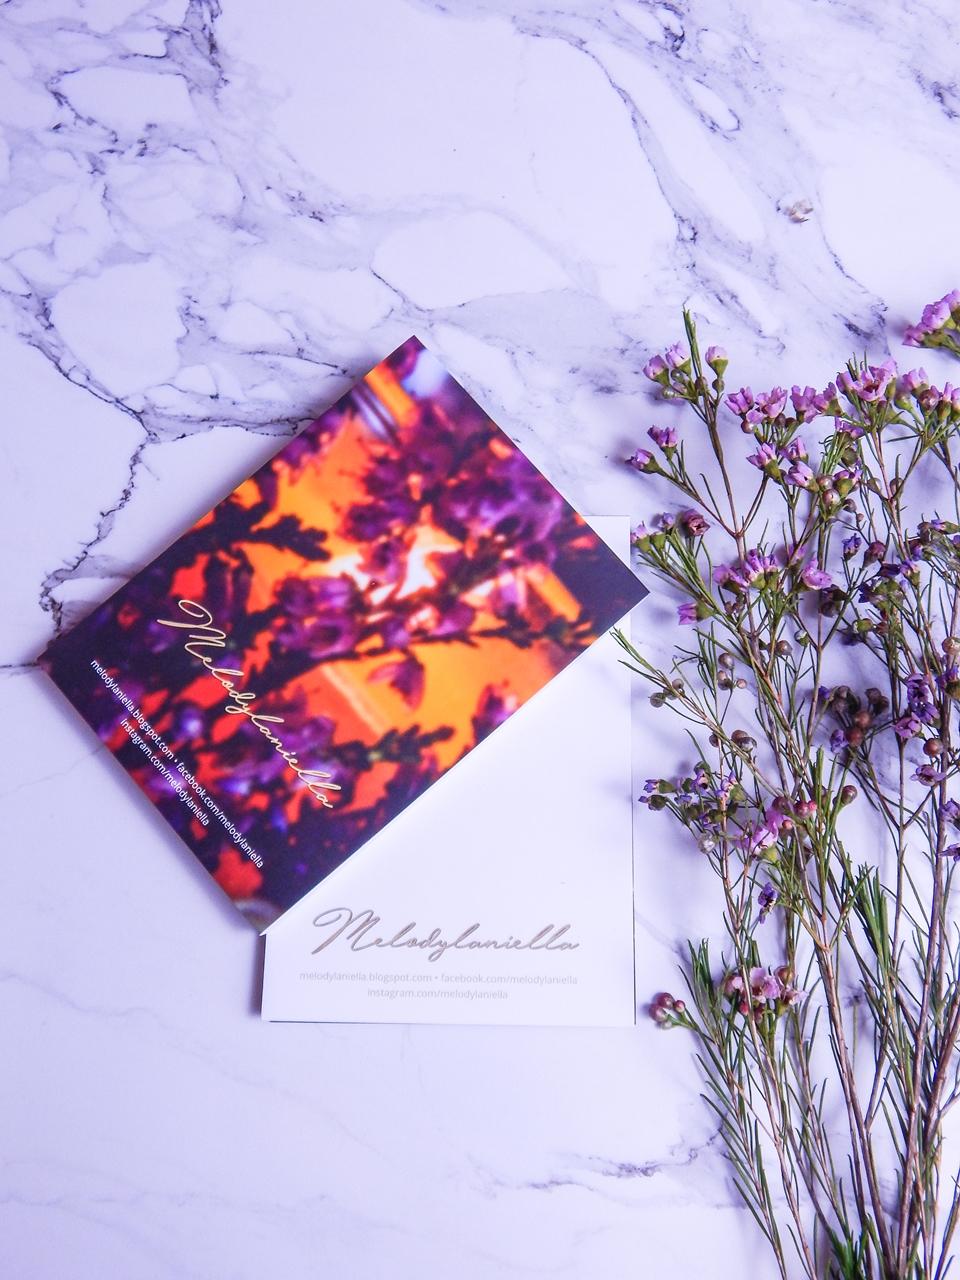 9 colour.me colourme colour me wizytówki druk wizytówek notesów kompleksowa obsługa firm gdzie wydrukować wizytówki zaproszenia kartki świąteczne melodylaniella spersonalizowane gadżety dla firm